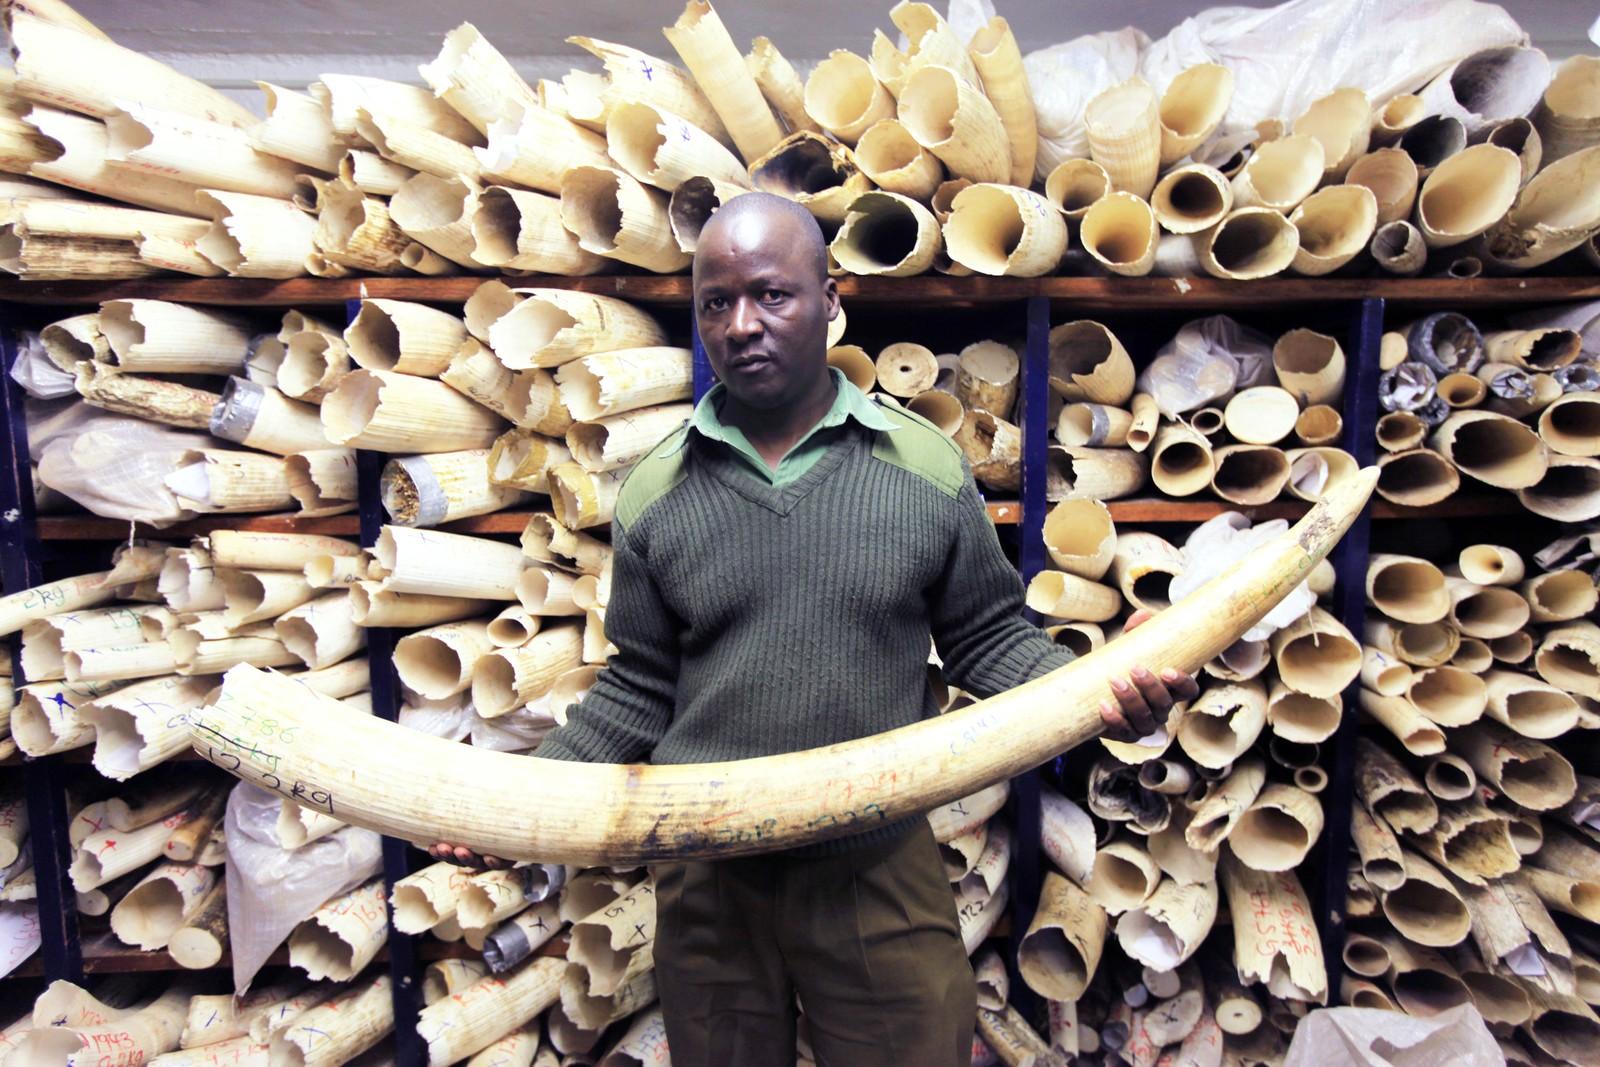 Zimbabwe ghar et lager på 93 tonn med elfenben og arbeider med sikte på å få opphevet det internasjonale forbudet mot handel med elfenben. Dette bildet viser elfenben i hovedkvarteret til Zimbabwes nasjonalparker i Harare. Landet hra avvist å bernne elfenbenet.